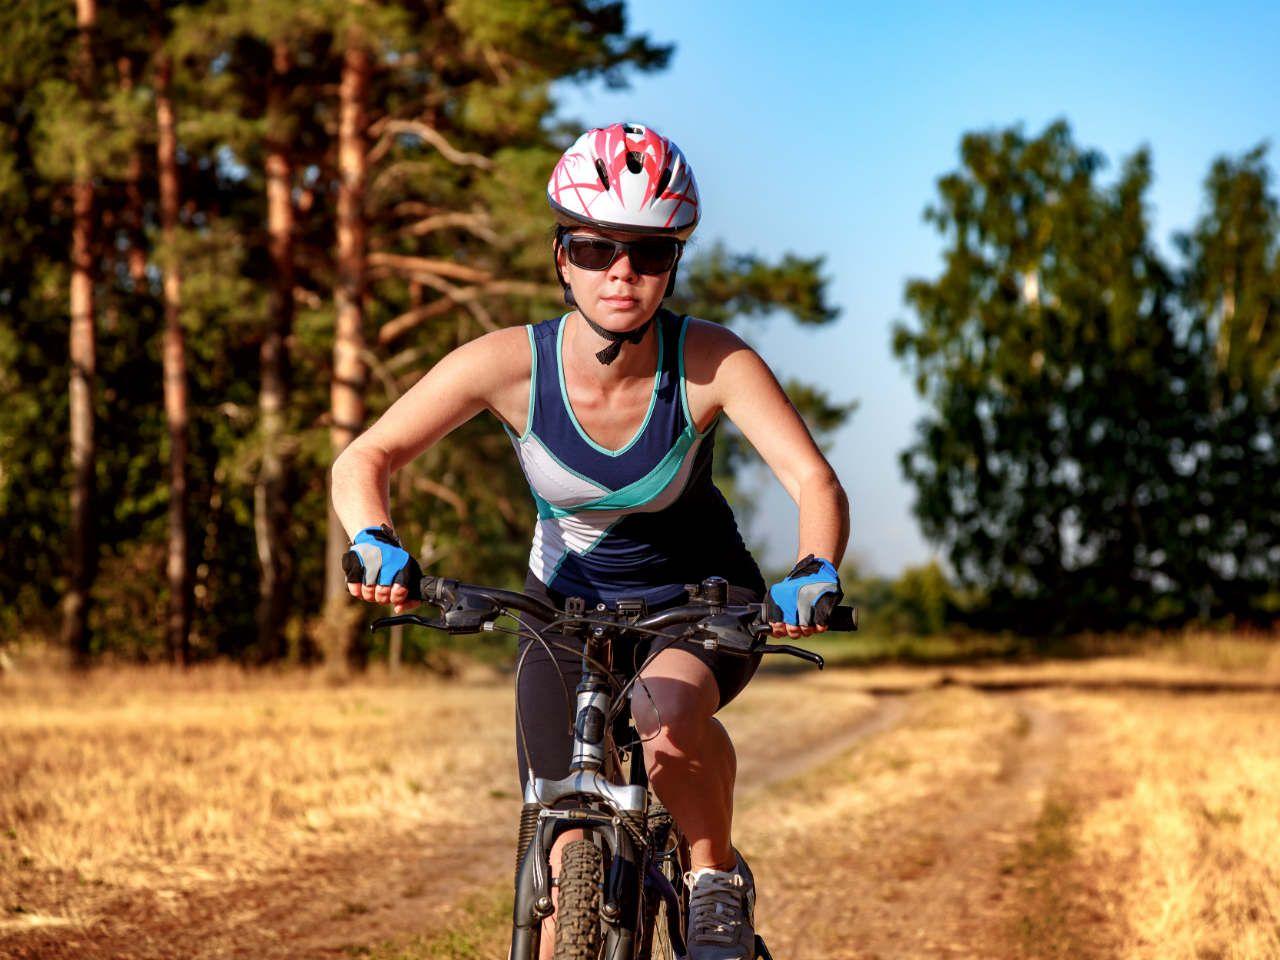 Jazda na rowerze a odchudzanie | Mangosteen